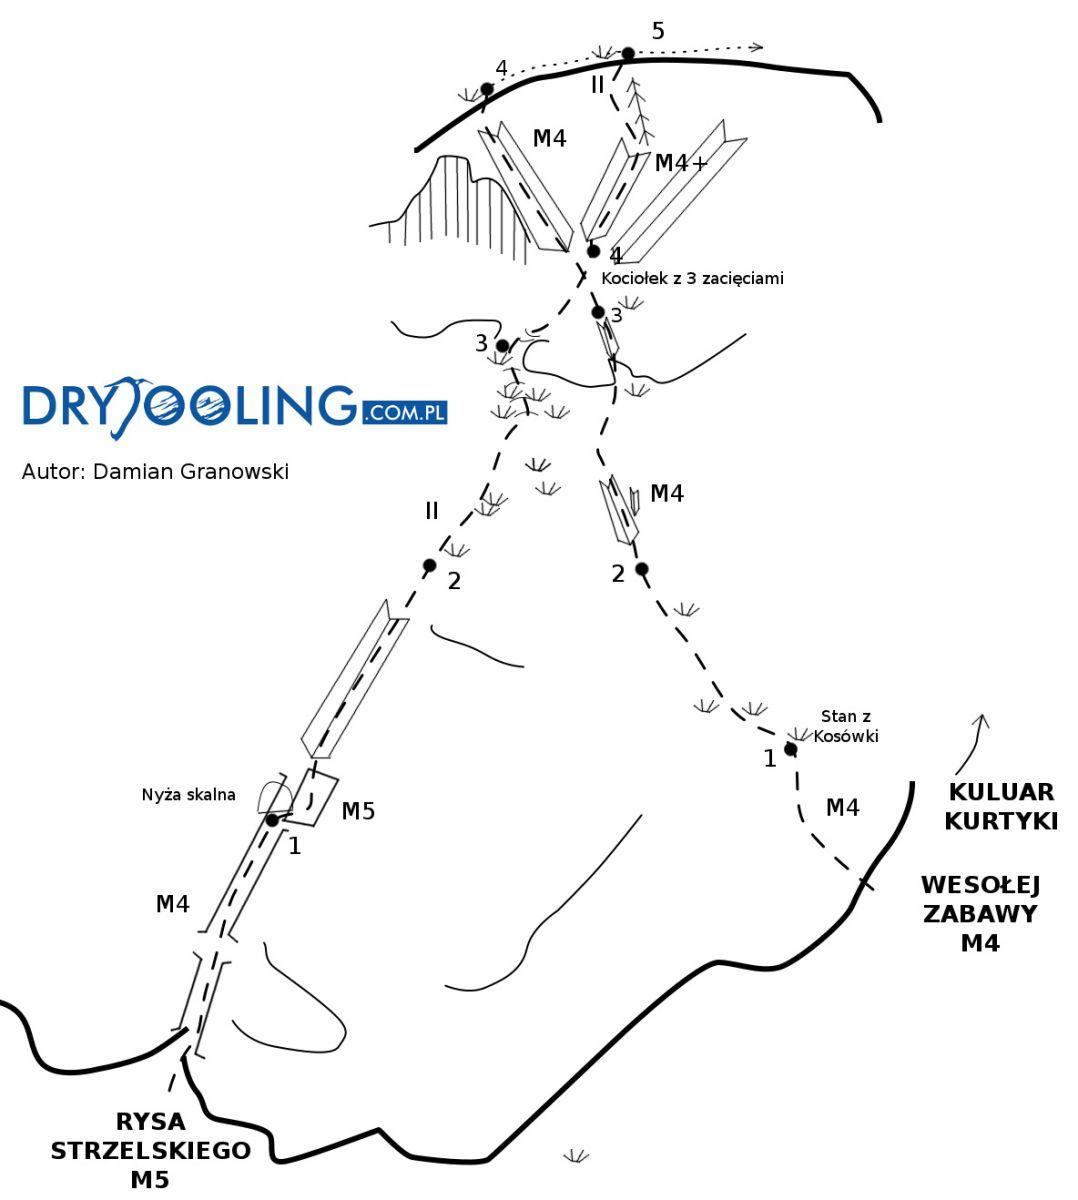 Schemat topo Rysy Strzelskiego M5 i Wesołej Zabawy M4+ na Progu M nimchowym